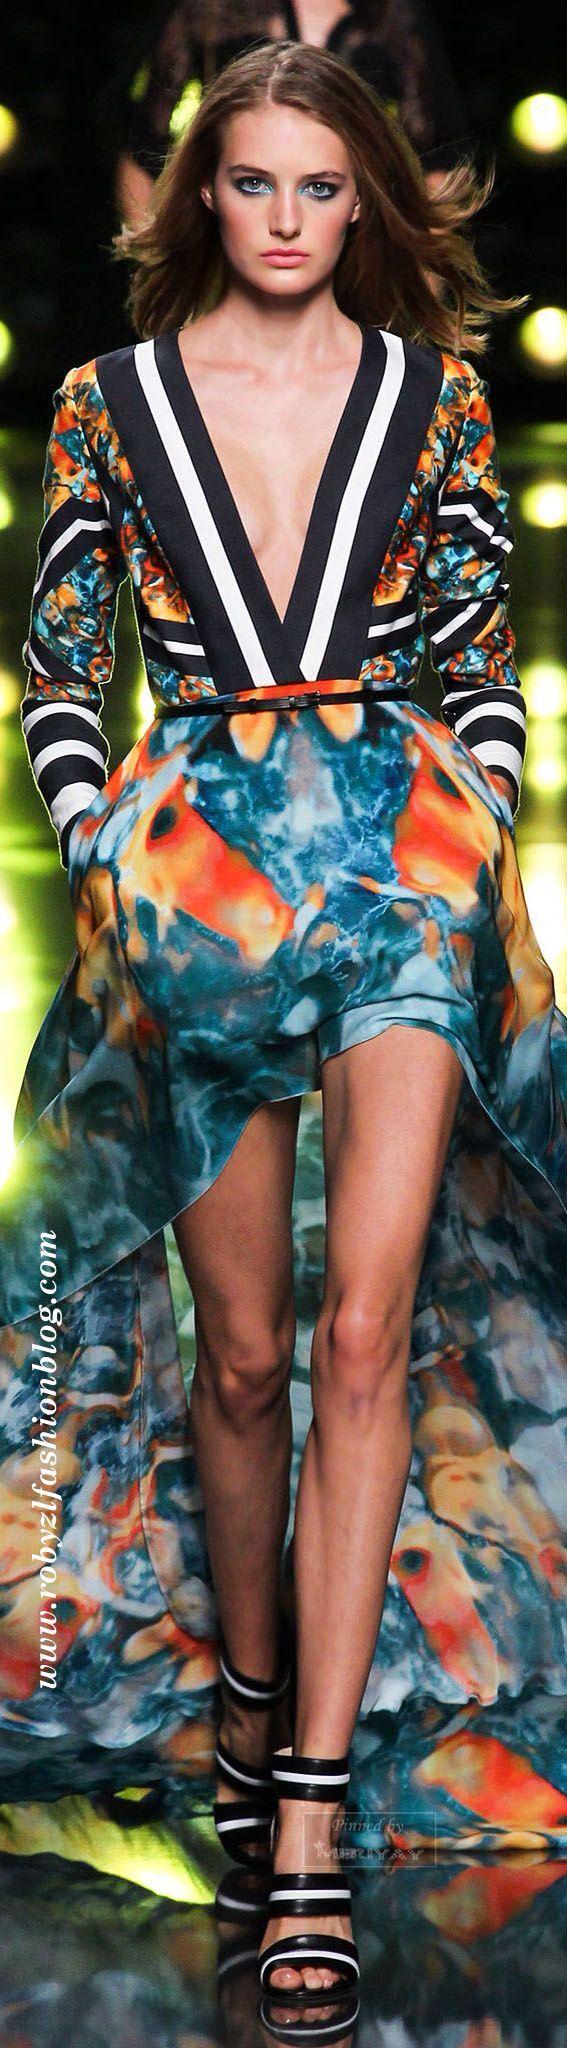 #Sposatevi e #proliferate  Io quest'estate voglio avere un valido motivo per indossare almeno uno di questi due #abiti #meravigliosi.  Certo, mi servirebbero #gambe chilometriche ed una #tintarella da fare invidia a #Jade #Foret durante le sue vacanze a #Miami, ma non voglio chiedere tanto...  Goodmorning Fashion girls ♥  #Dreaming a #long #dress in #summer new post now on www.robyzlfashionblog.com